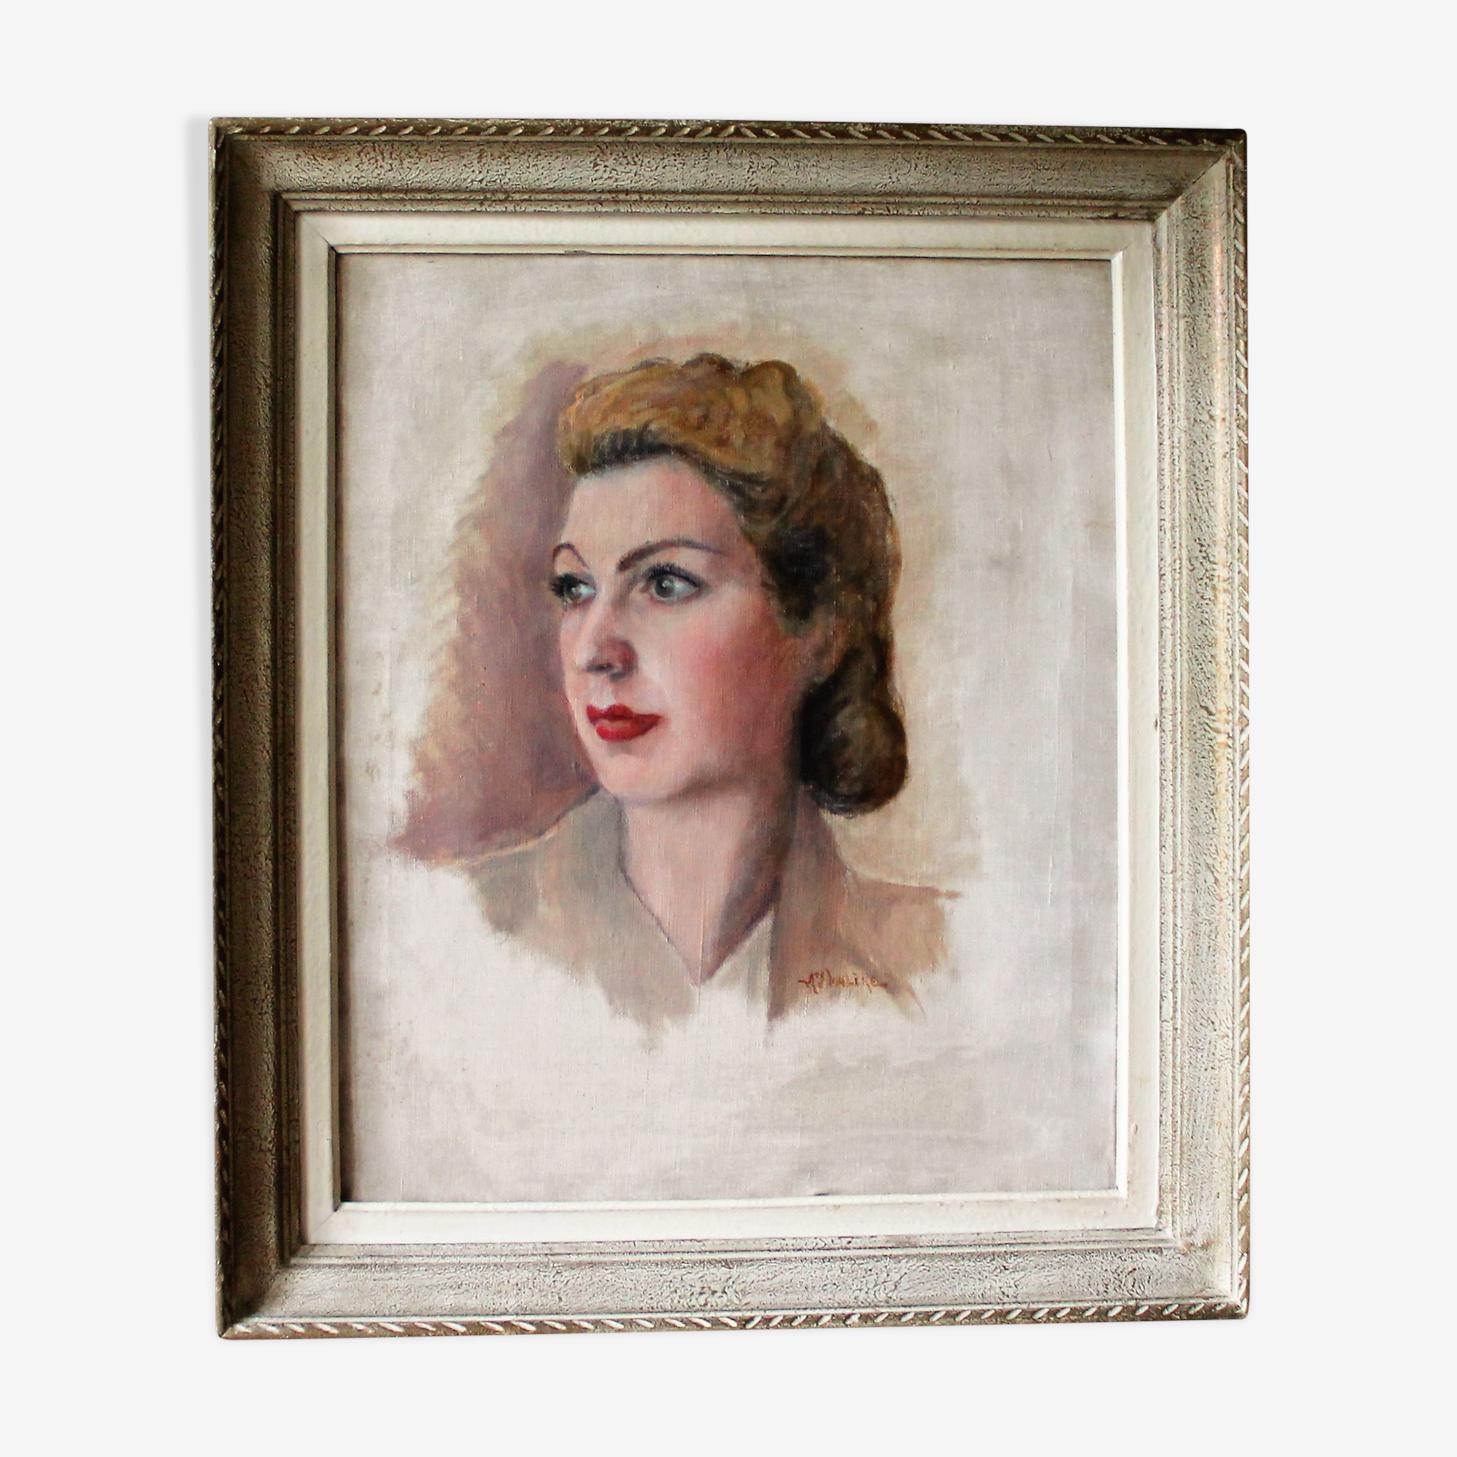 Portrait sur toile des années 1940 signée Auguste Valere